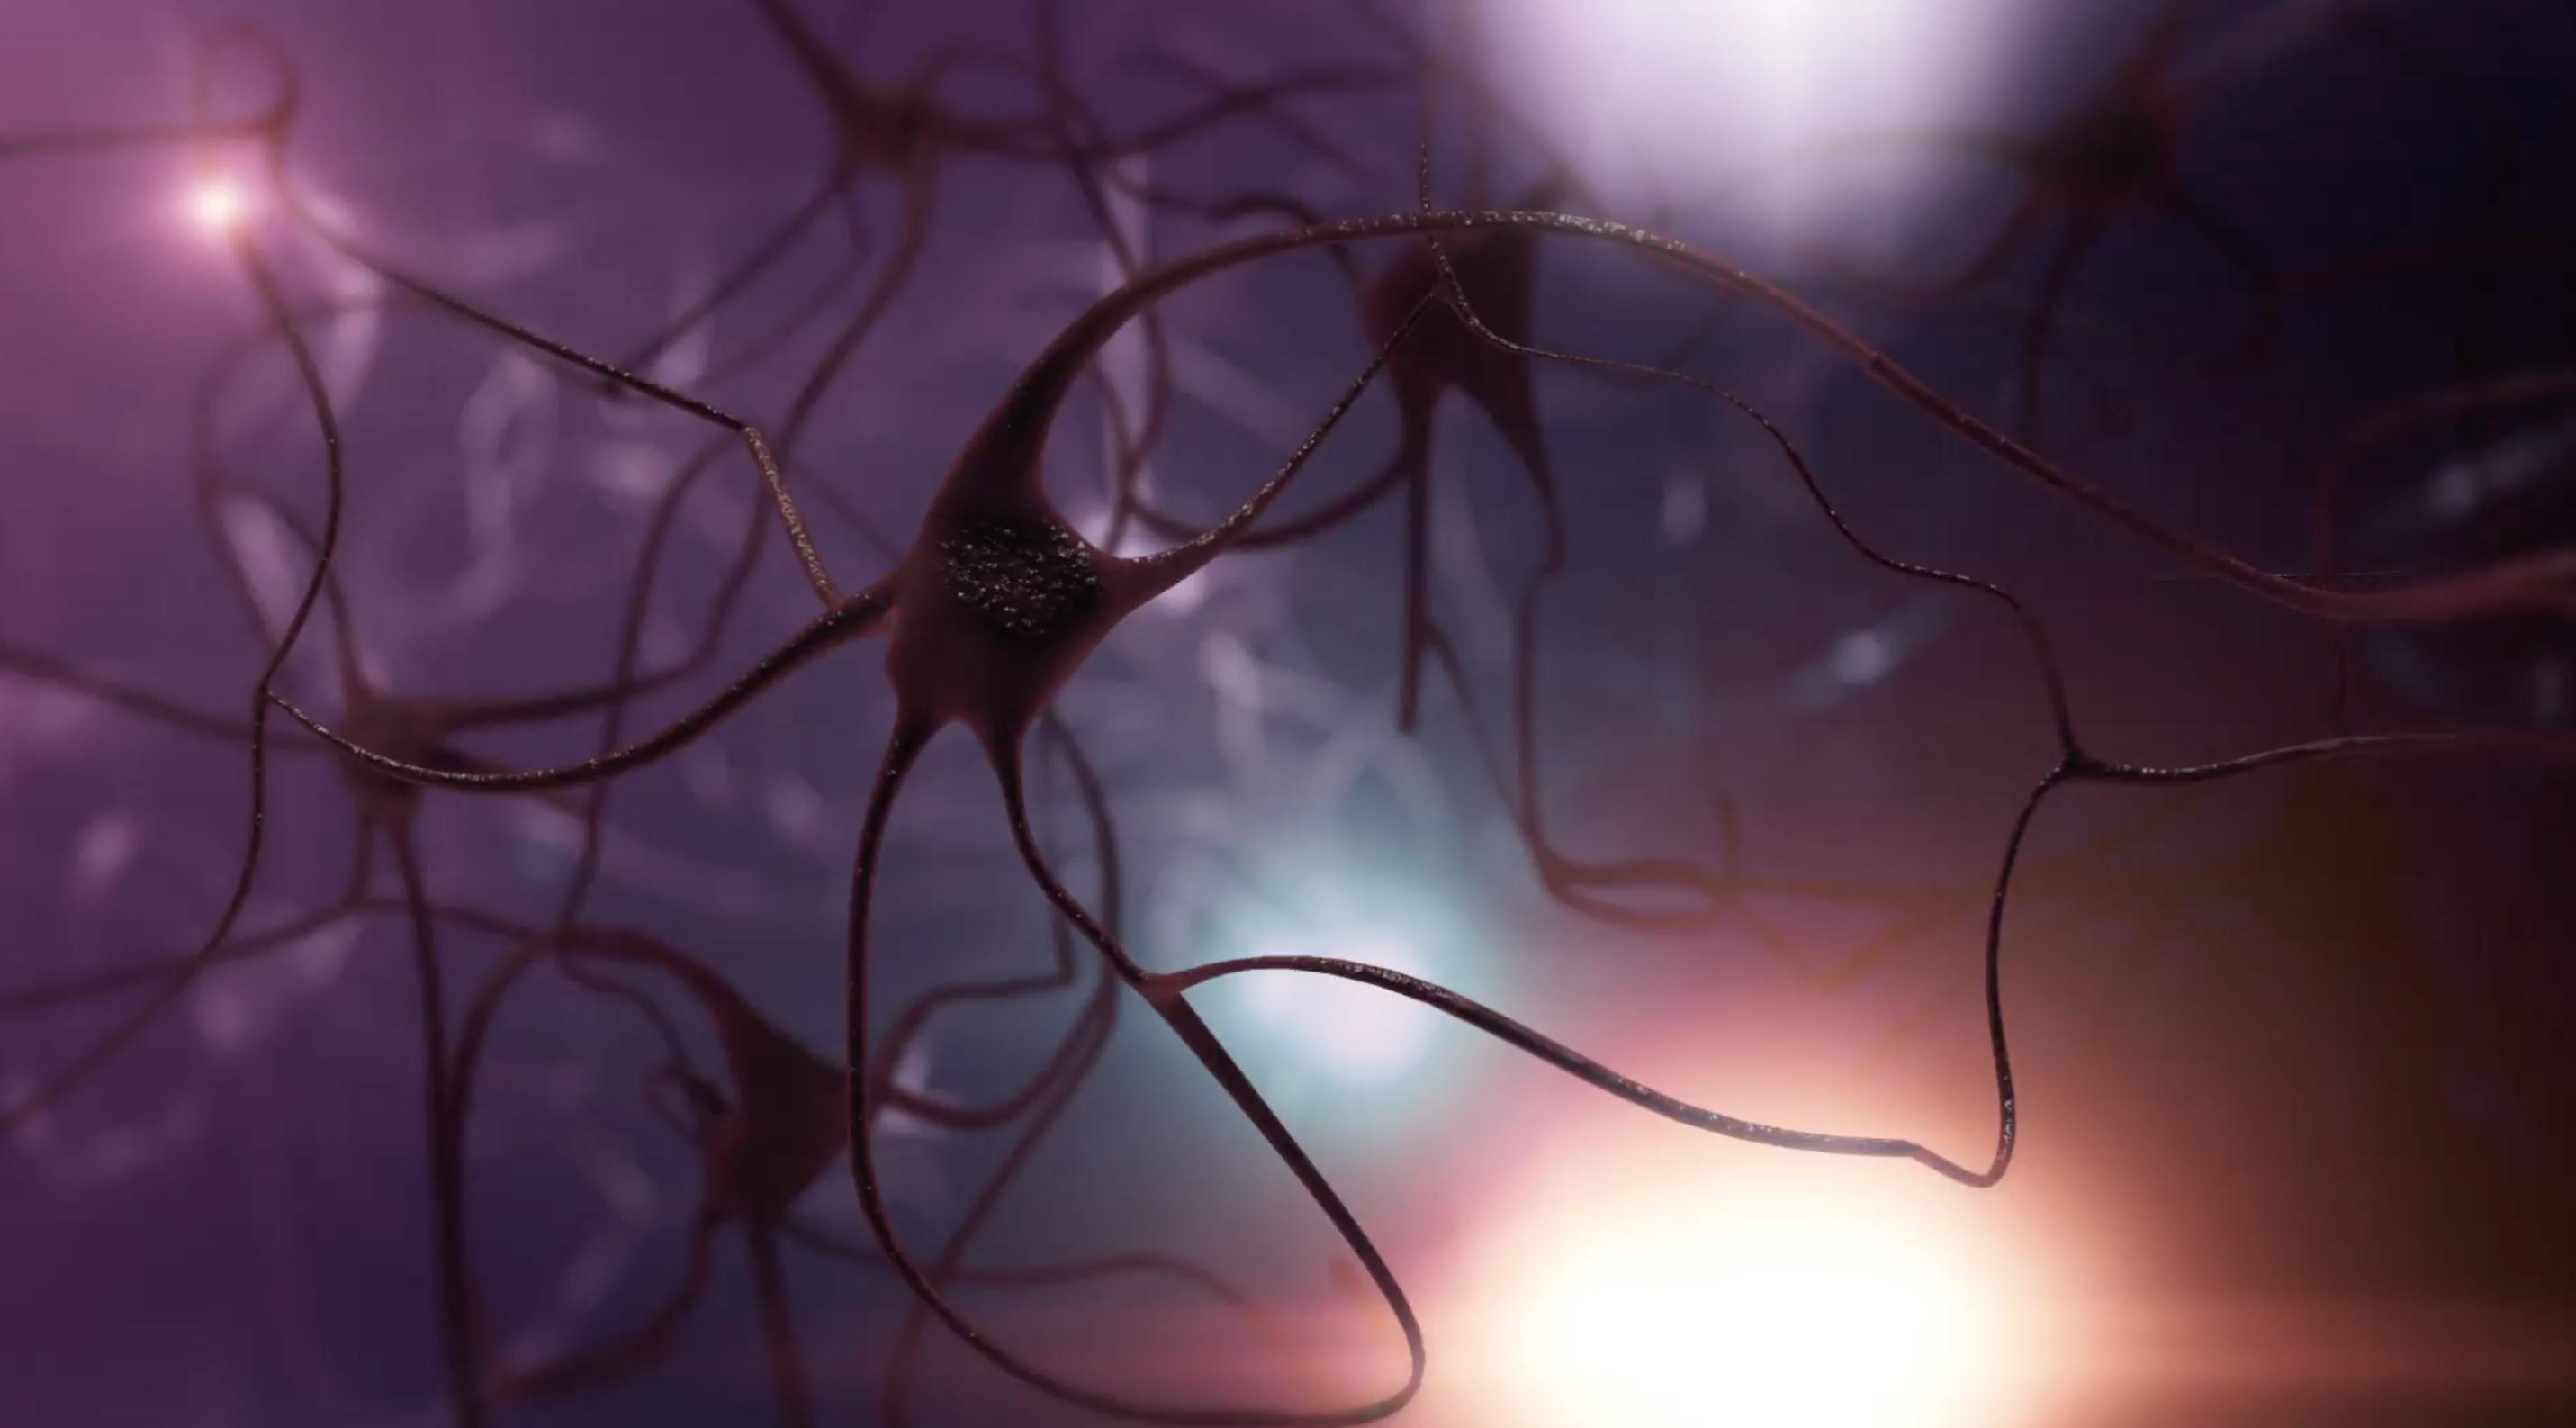 Notre cerveau est-il un adepte du storytelling ?